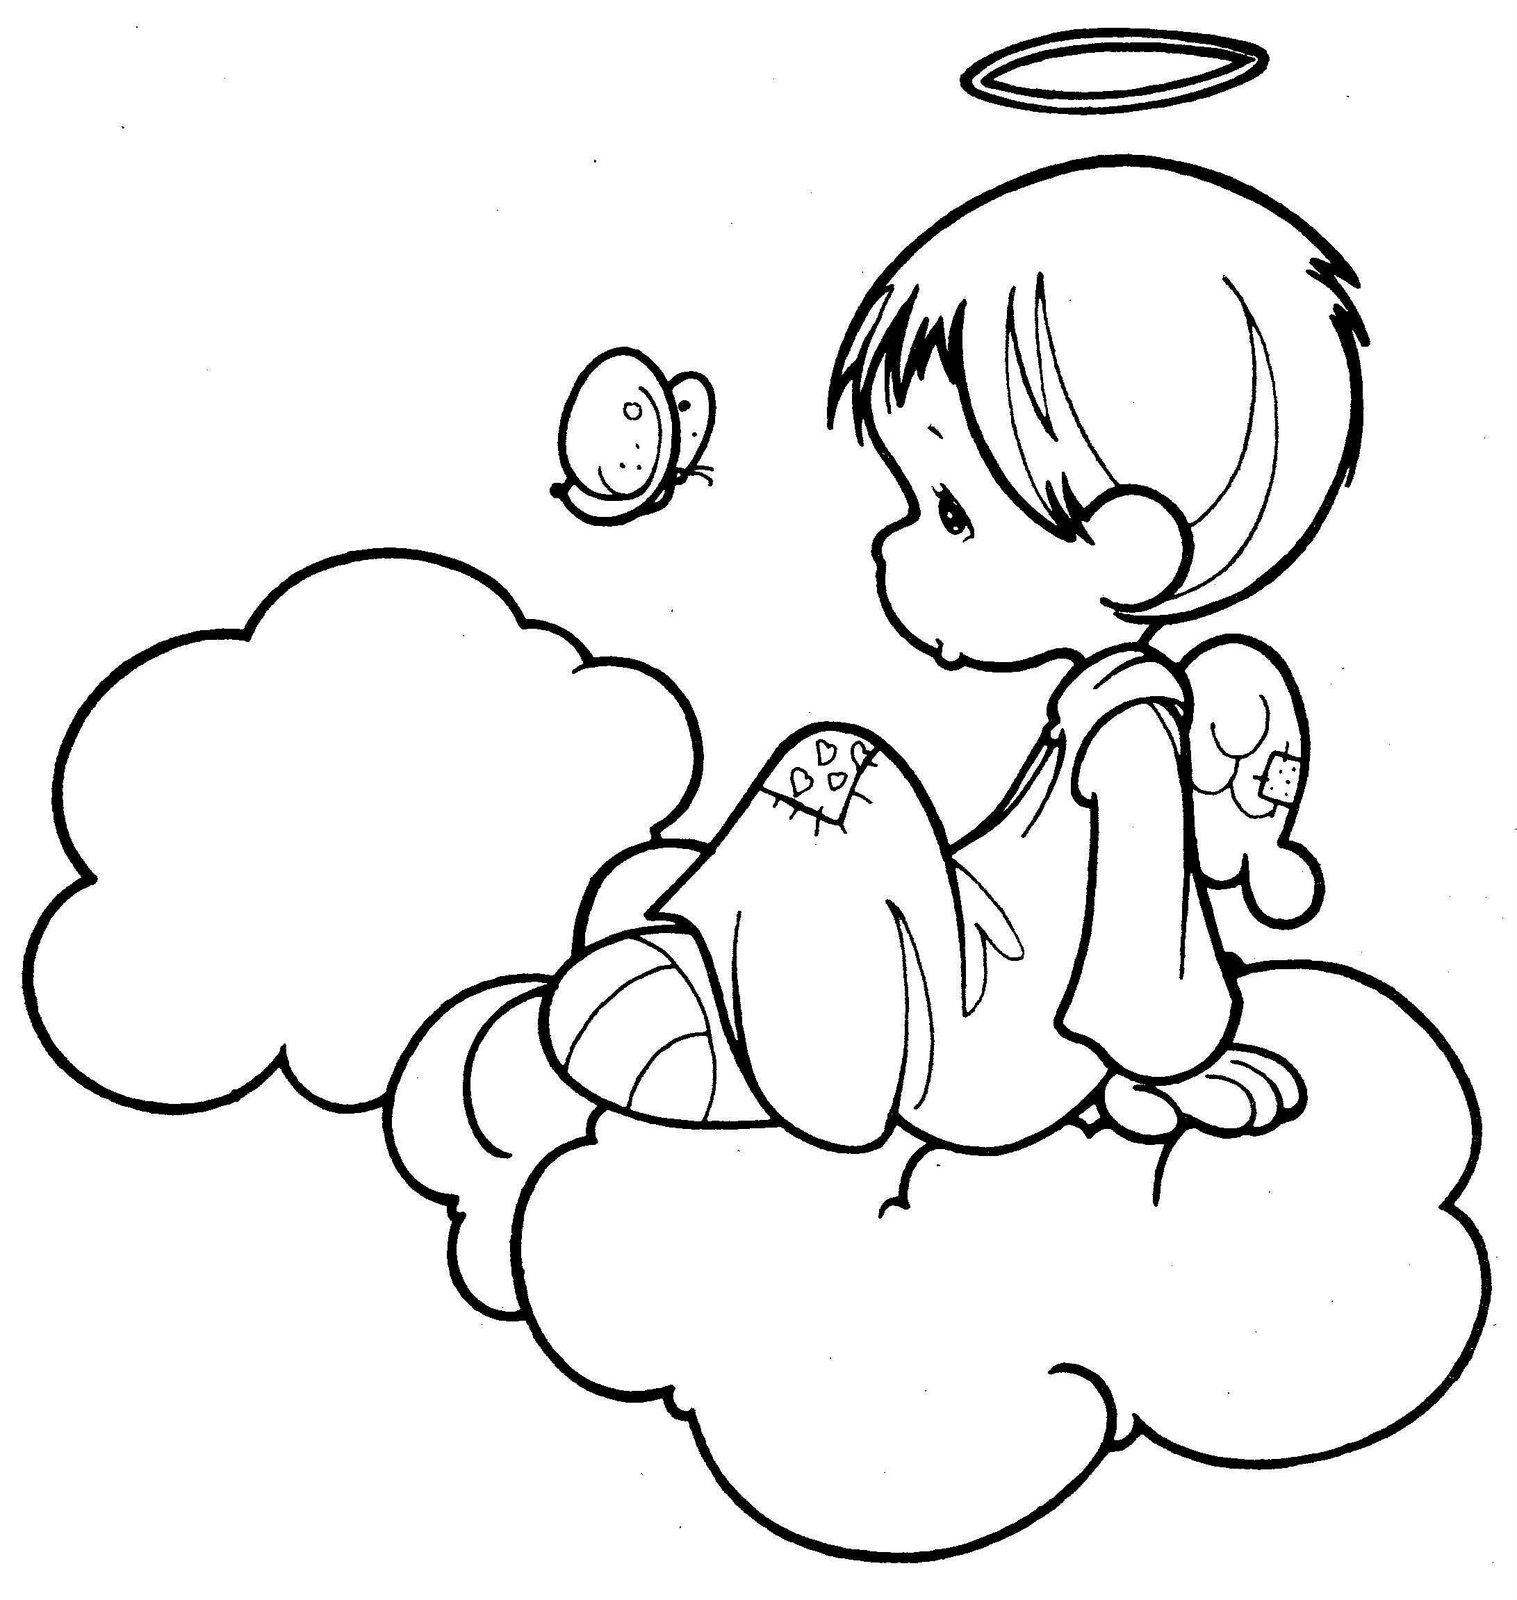 dibujos en blanco y negro dibujos infantiles dibujos para colorear ...